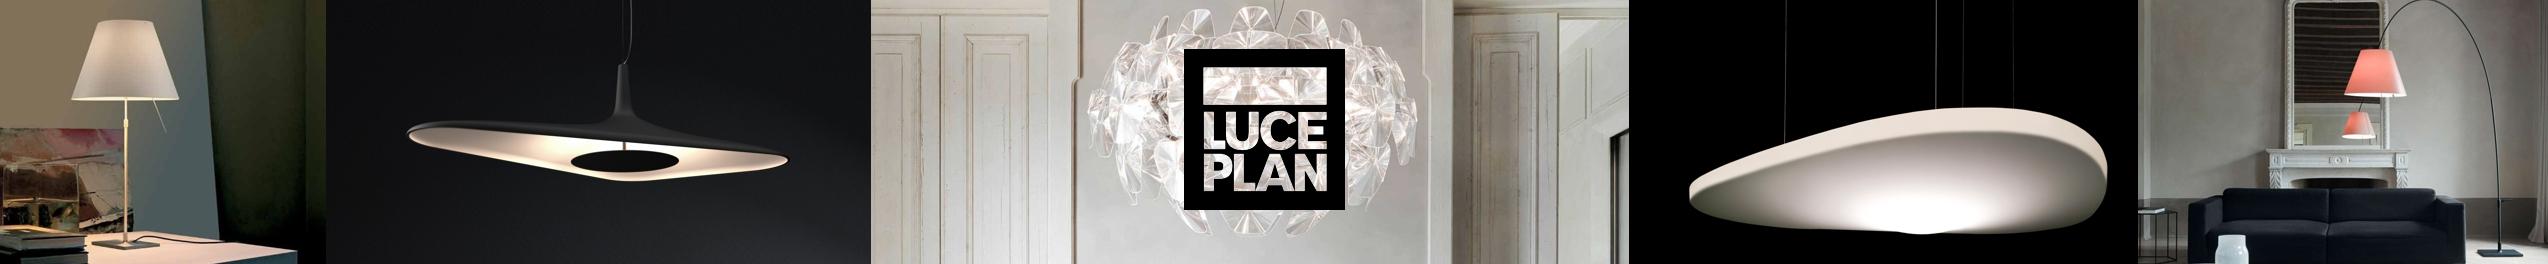 LAMPADE-LUCEPLAN